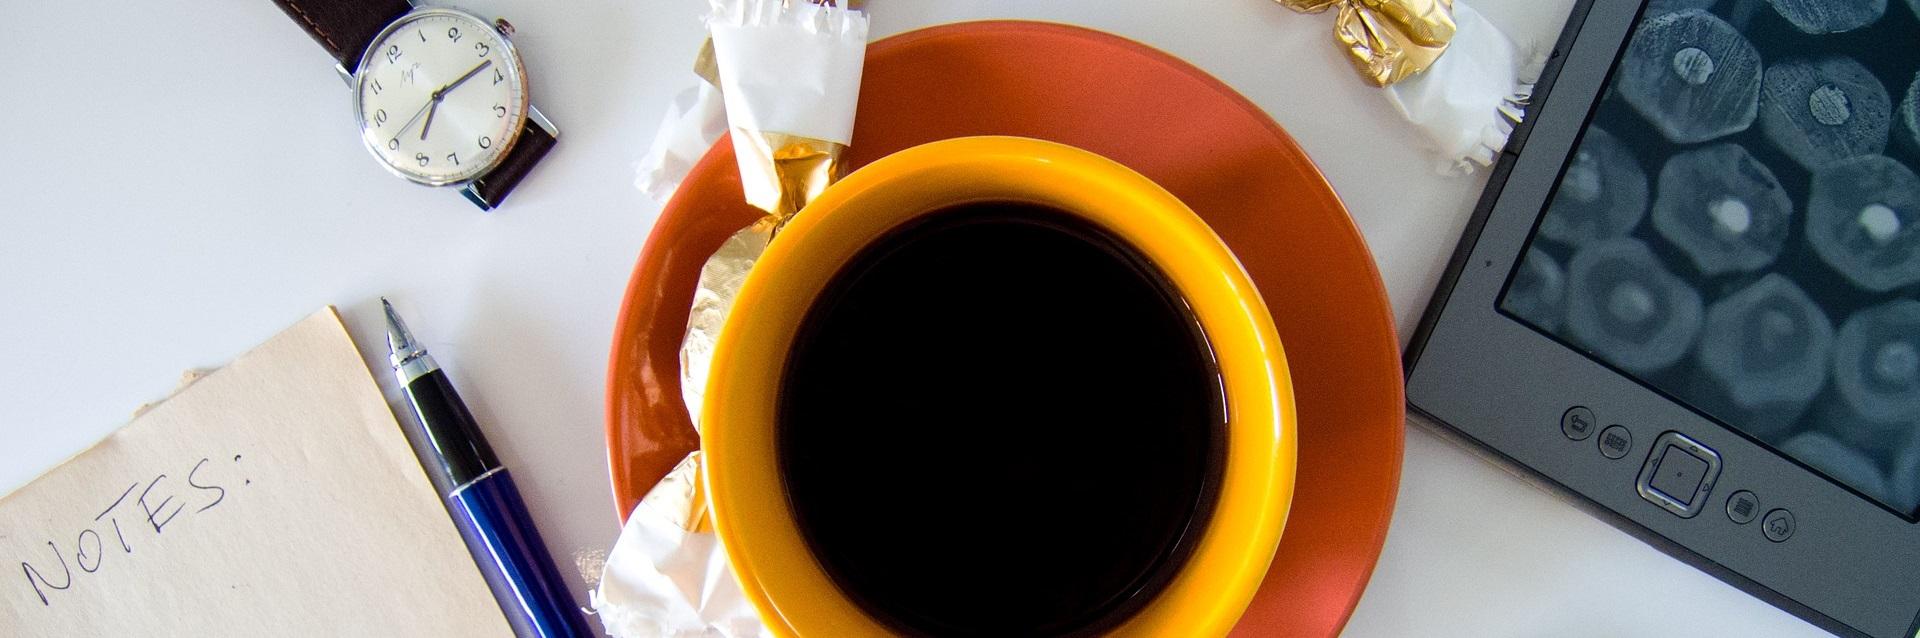 Bild tagen på ett bord ovanifrån. På bordet finns ett anteckningsblock, en blå penna, en gul kaffekopp på orange fat, ett armbandsur, guldpappersinslagna godisbitar samt en svart mobiltelefon.